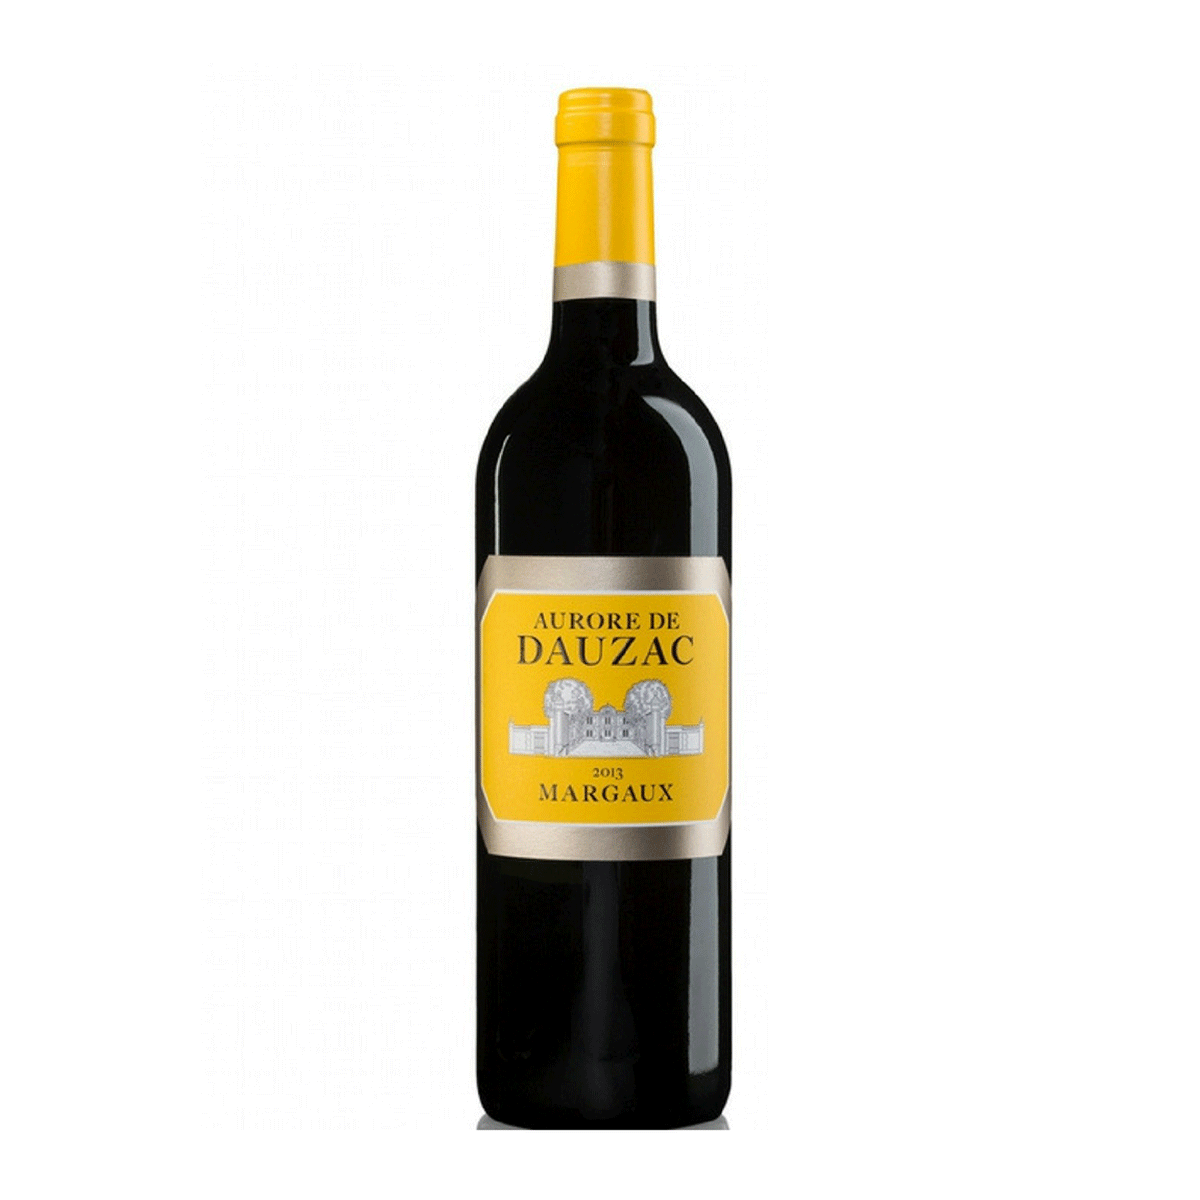 Chateau Dauzac Francúzske víno Aurore de Dauzac Margaux